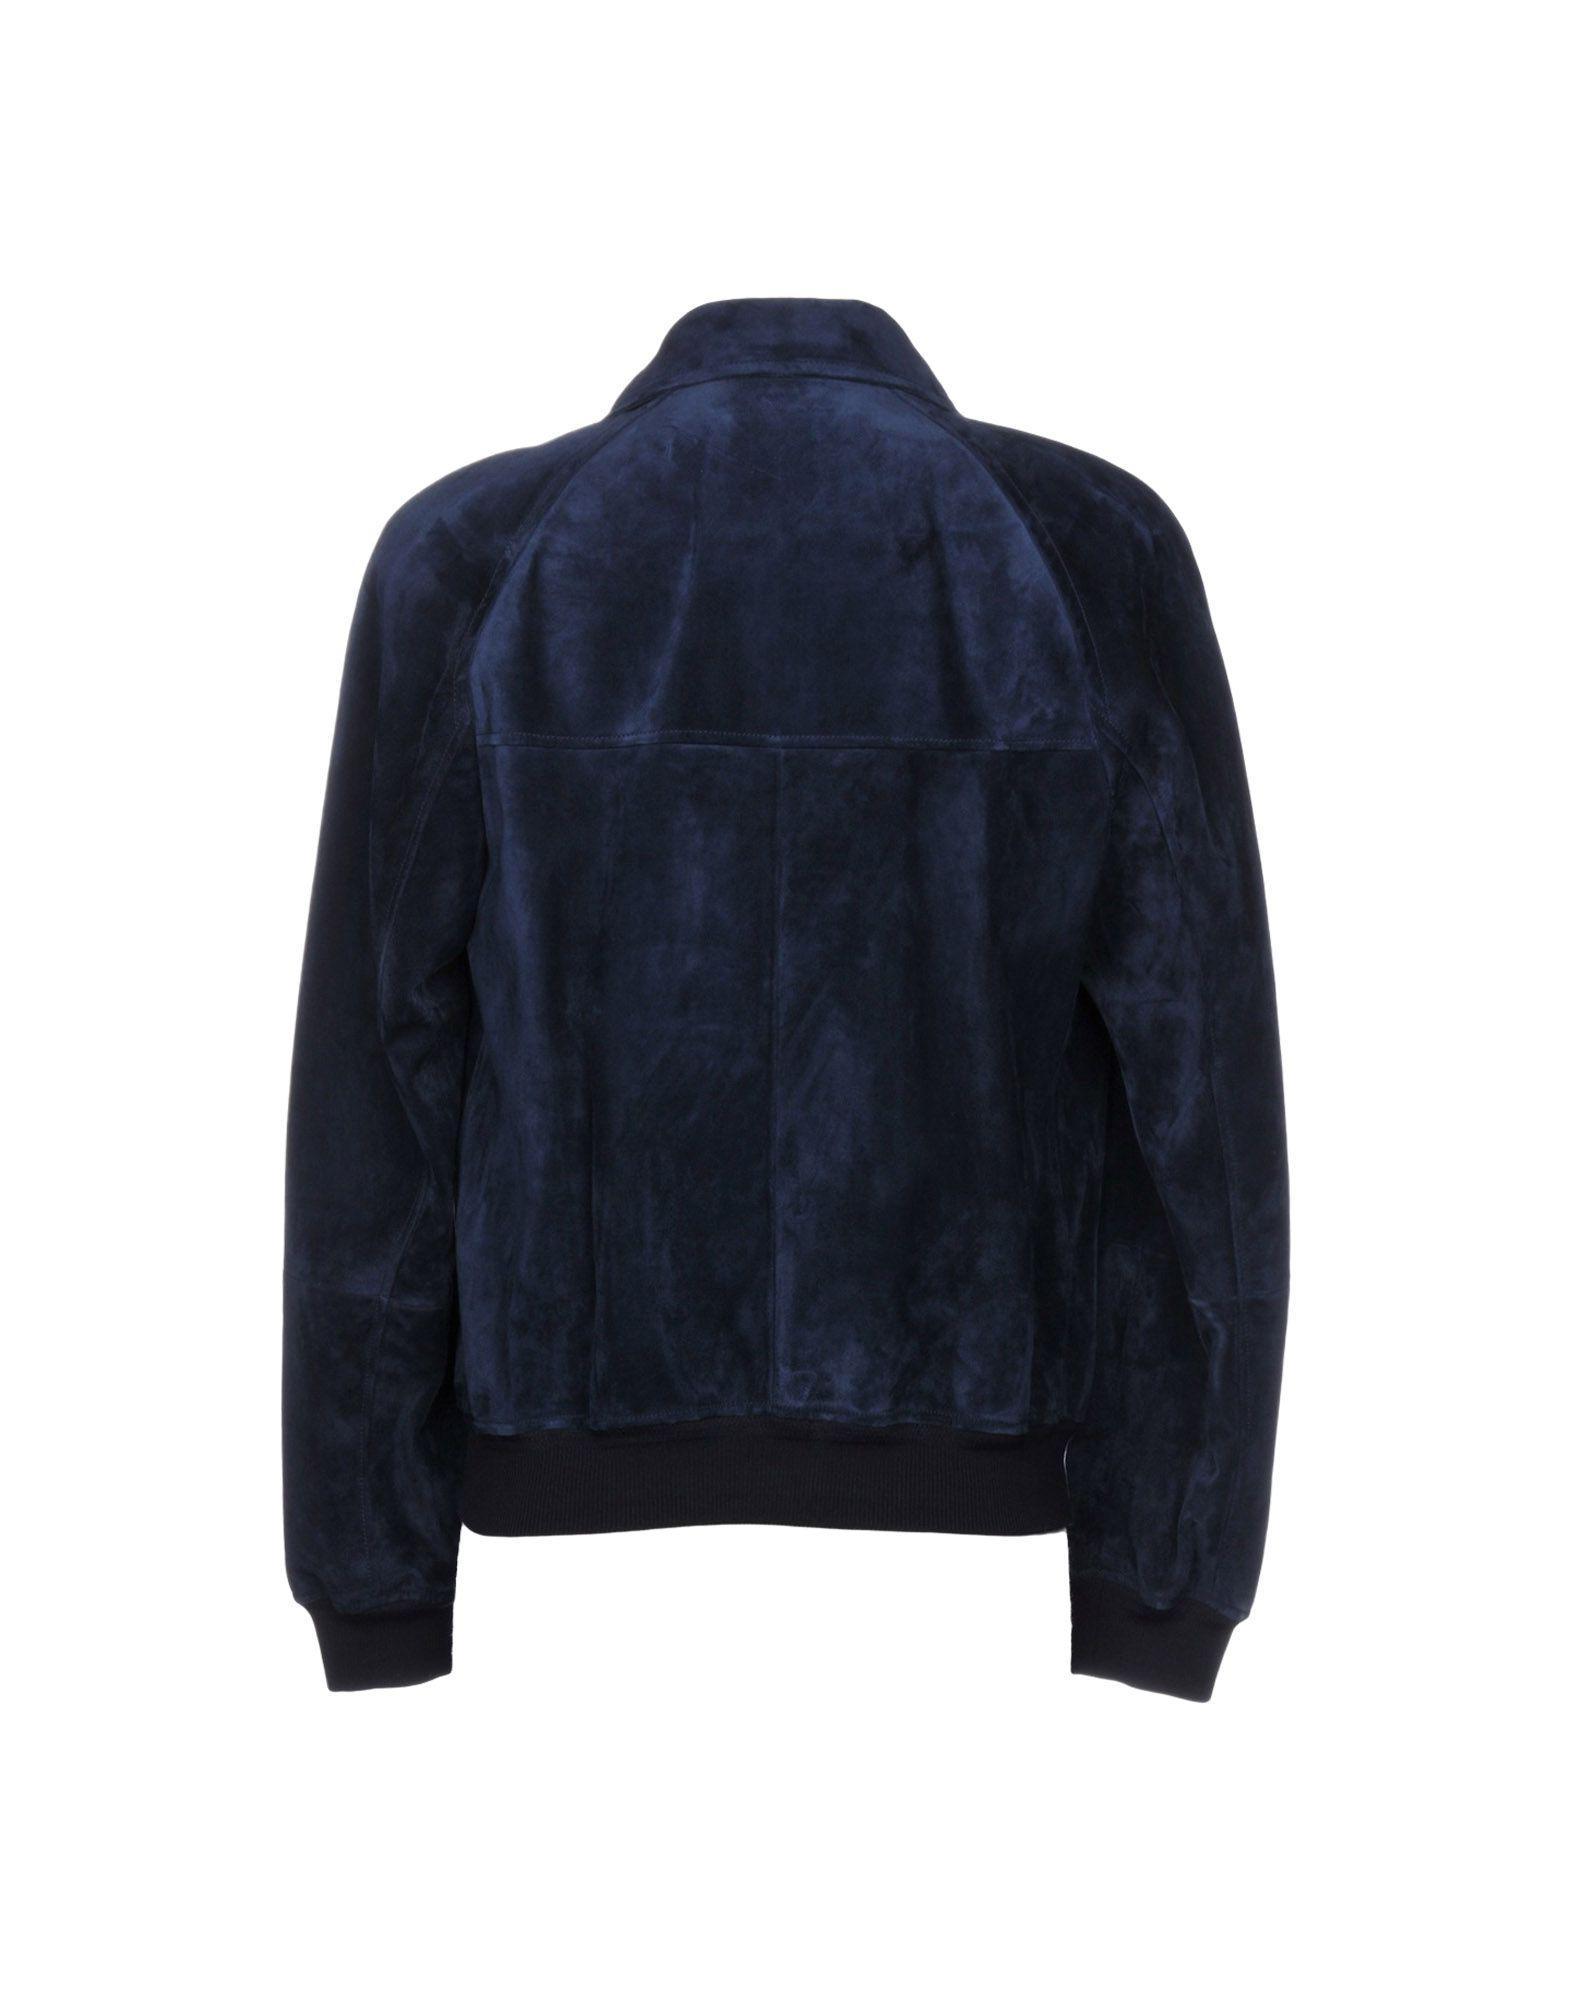 Tom Ford Leather Jacket in Dark Blue (Blue) for Men